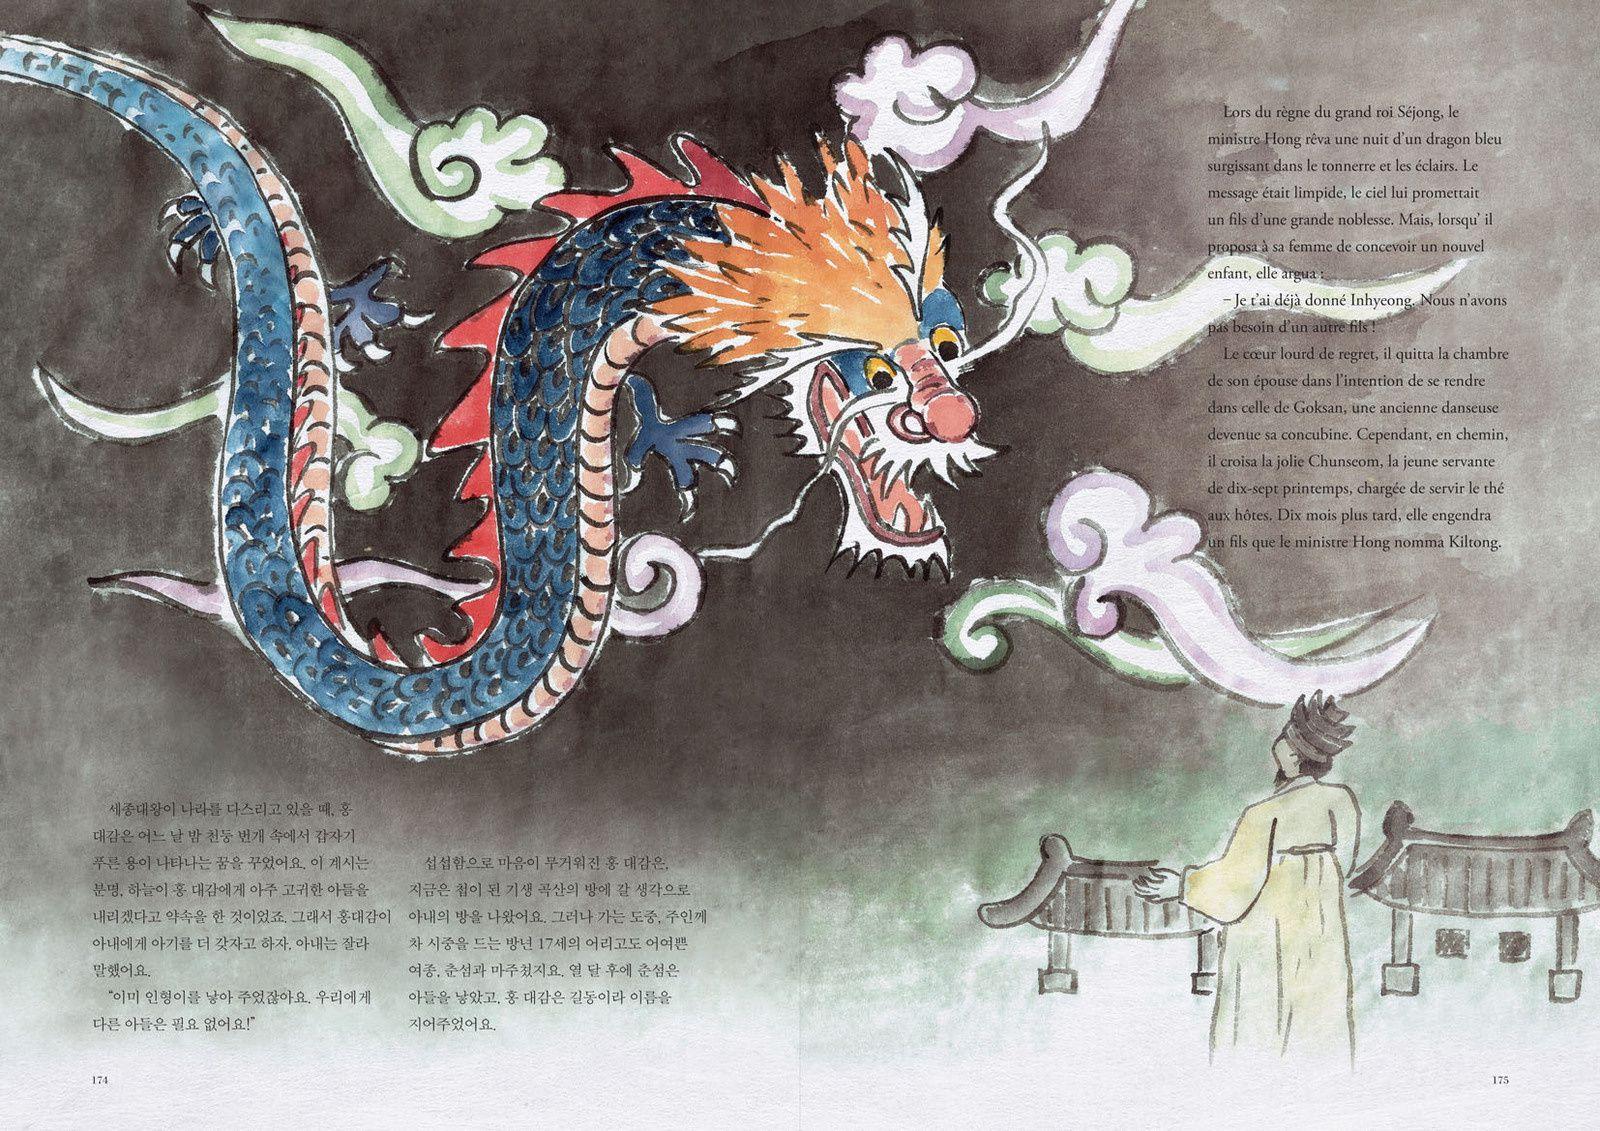 Peu avant la naissance de Hong Kiltong, son père avait rêvé d'un dragon bleu ...